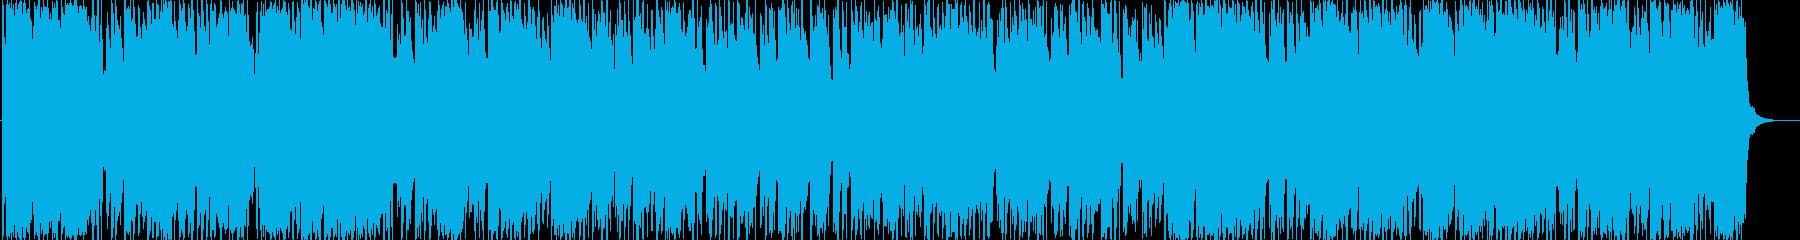 かわいらしいポップスの再生済みの波形